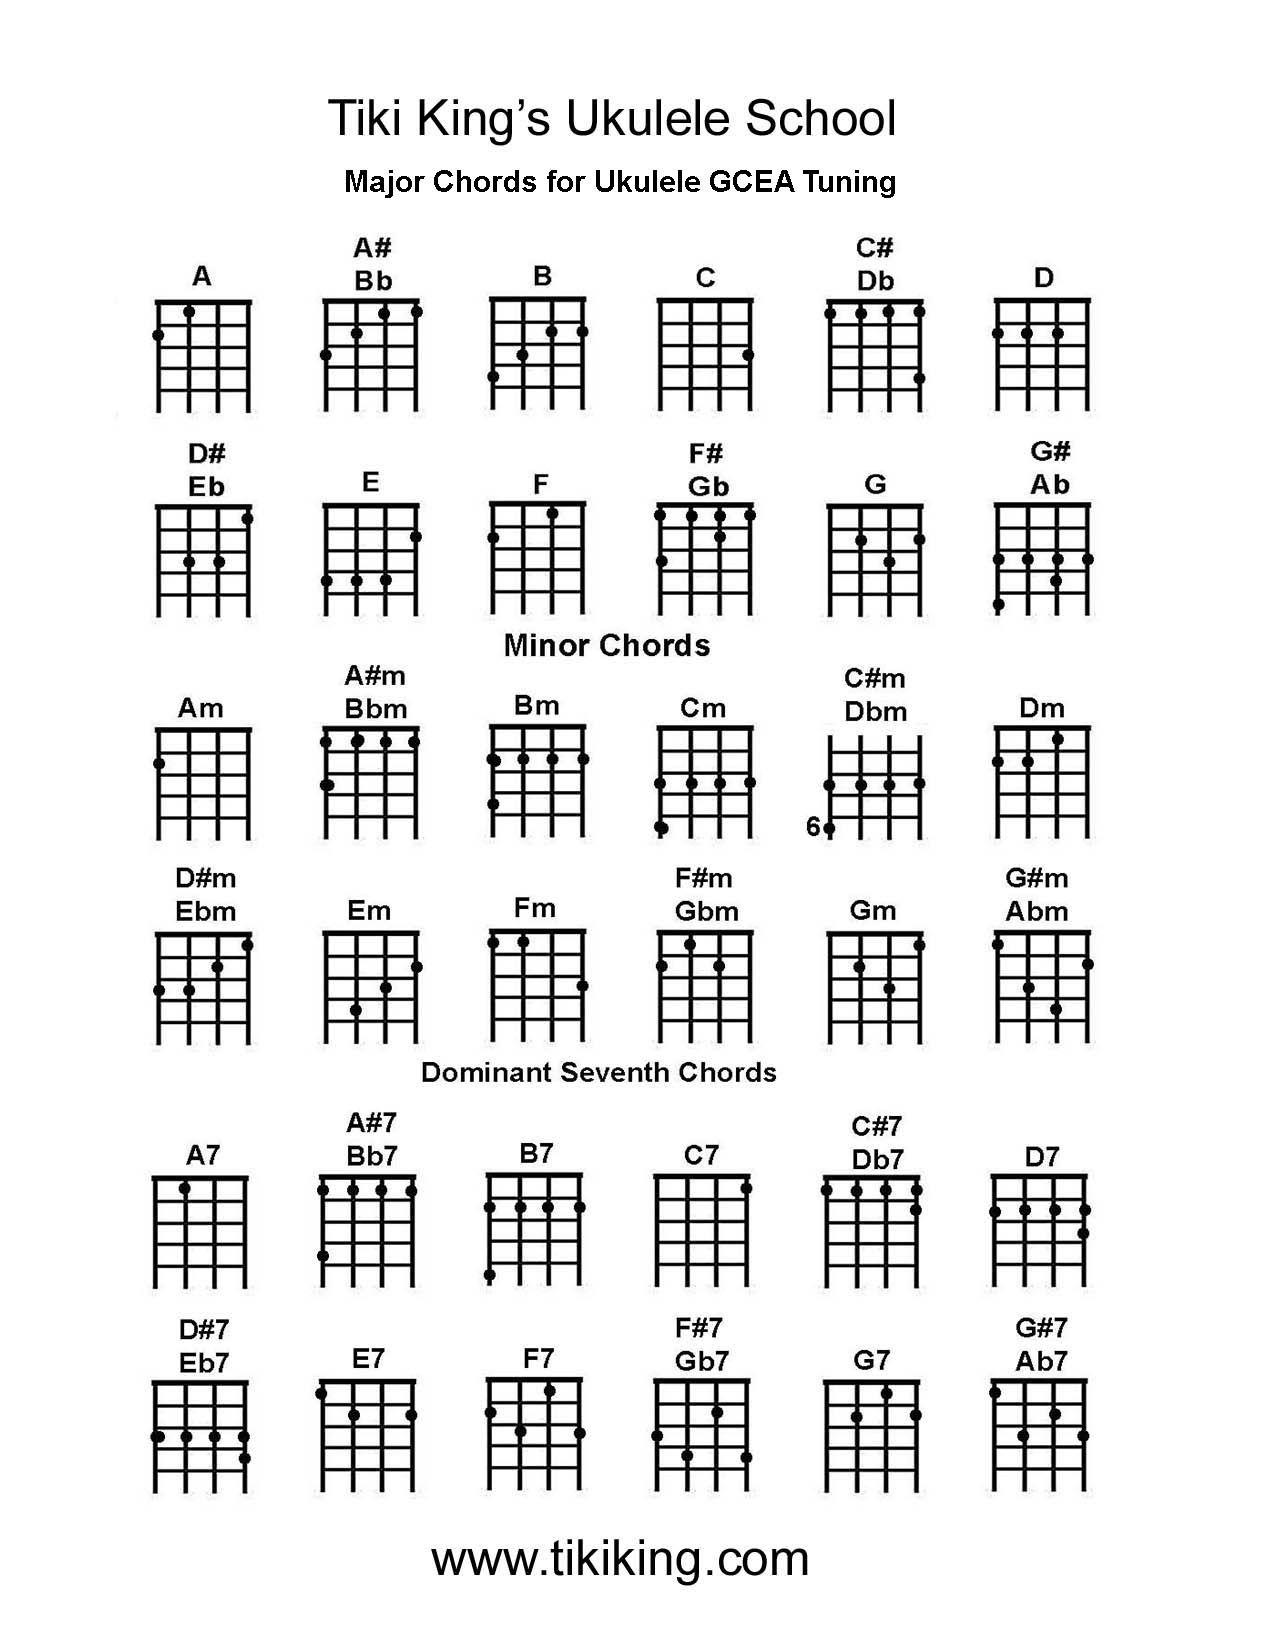 chord chart11 1275—1650